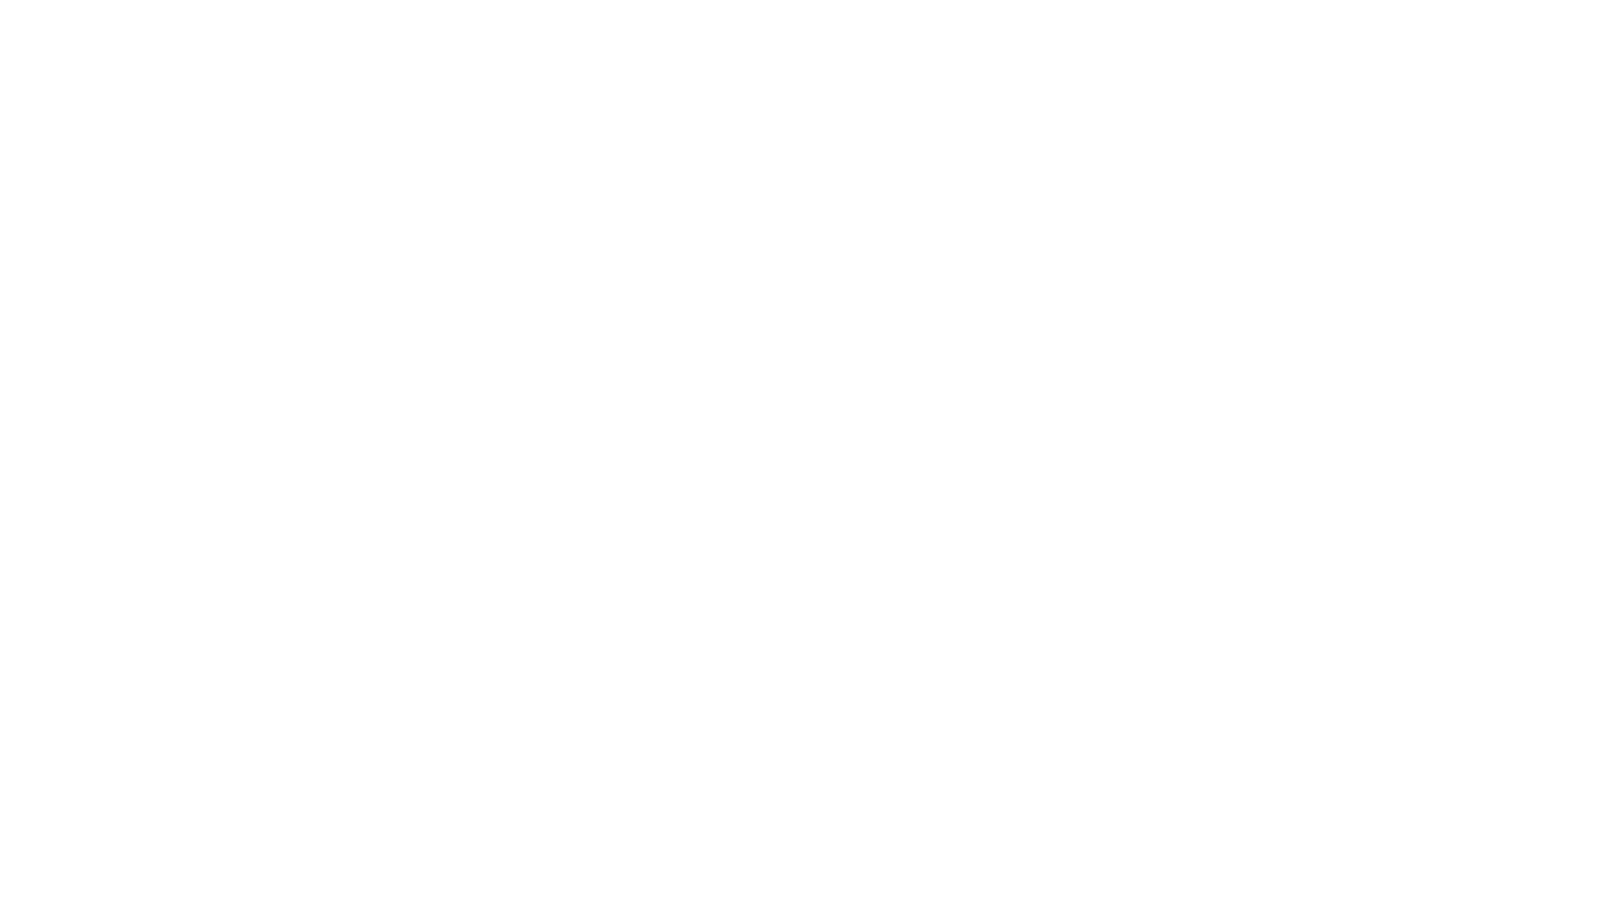 Dzisiaj chcemy pokazać Wam co stoi u nas na salonie - jesteśmy jednym w Polsce salonem do którego możesz wejść, wsiąść i sprawdzić samochody sprowadzone z USA 🙂  Skontaktuj się z nami: http://bit.ly/kontaktamerykacars  Nasz kalkulator: http://bit.ly/kalkulatoramerykacars  Nasze aktualne samochody do kupienia: https://silesiaautocentrum.otomoto.pl/  JAKIE samochody mamy NA SALONIE? (CAMARO / MUSTANG / CHALLANGER / BMW)